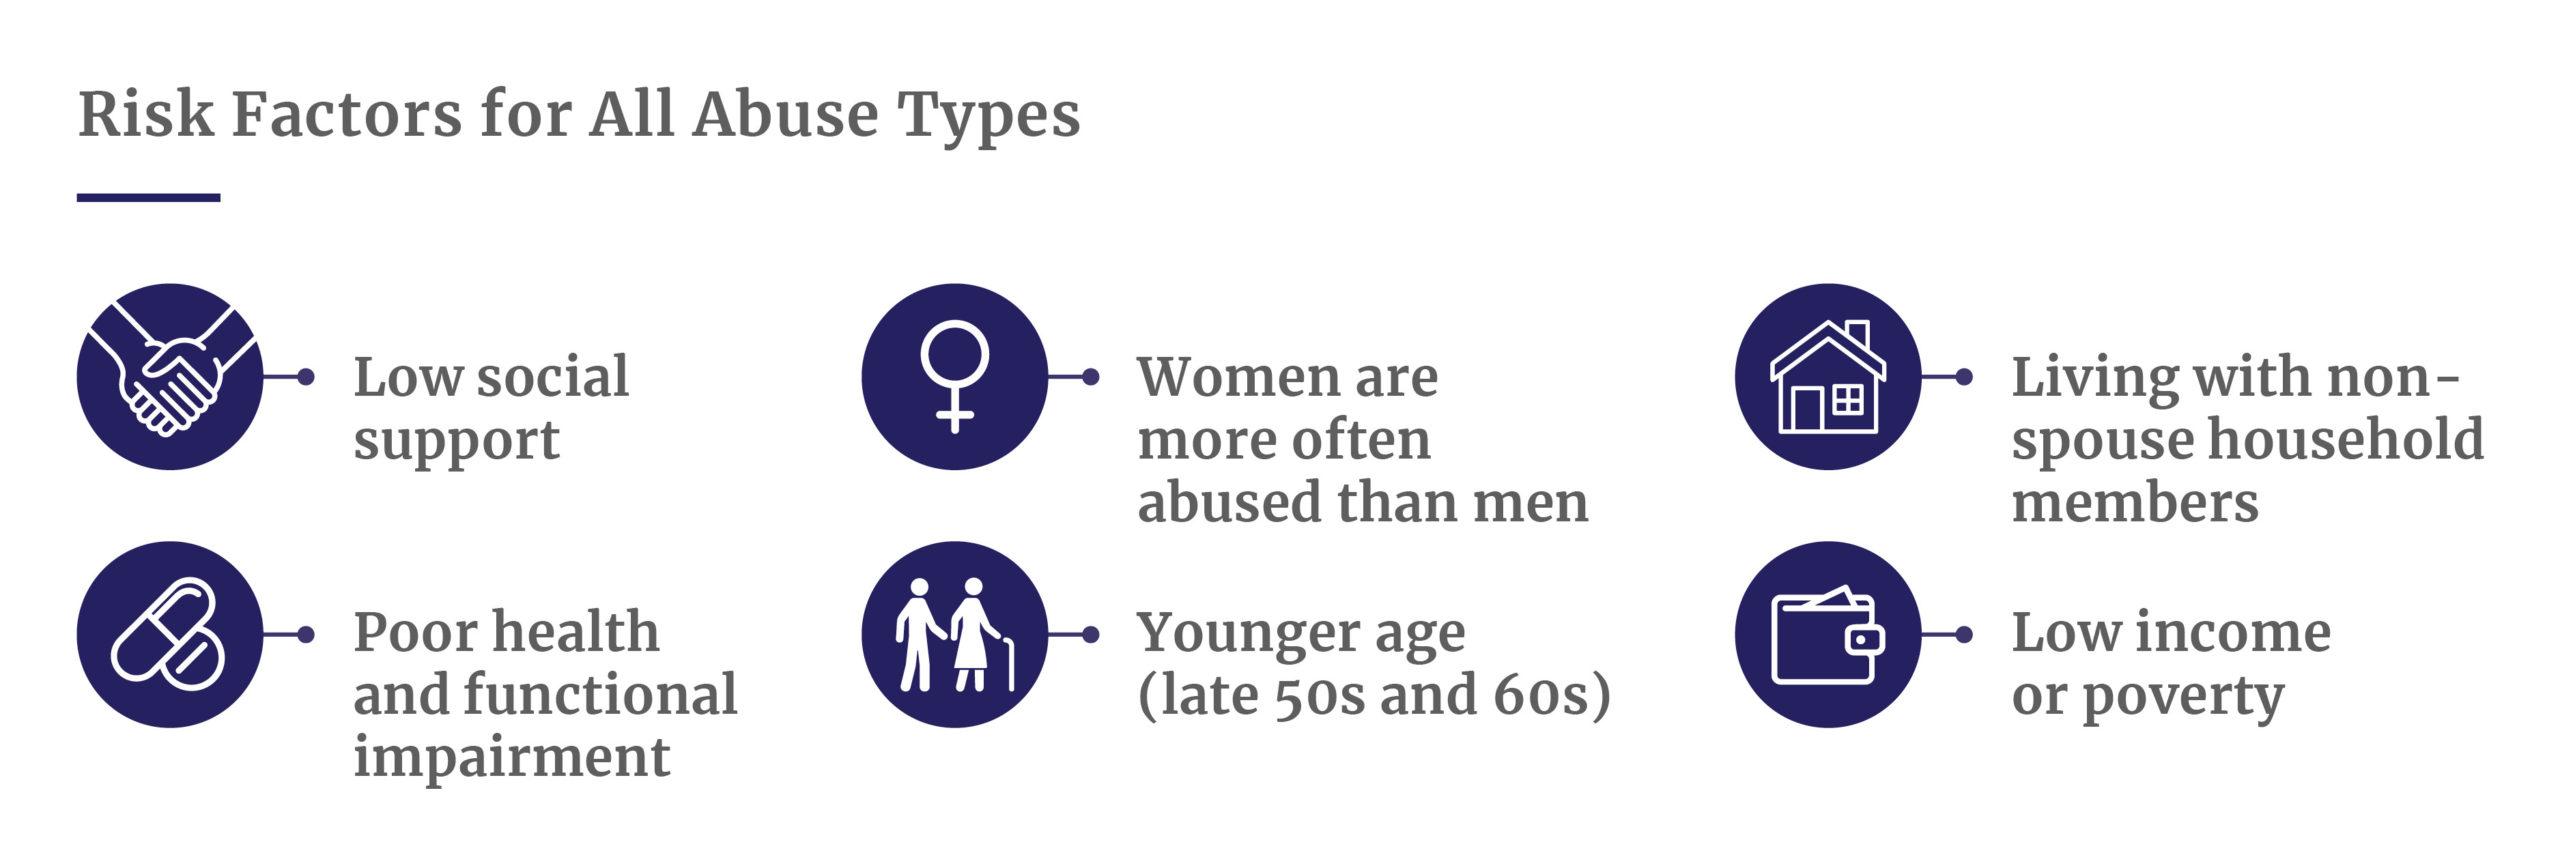 Risk factors for elder abuse